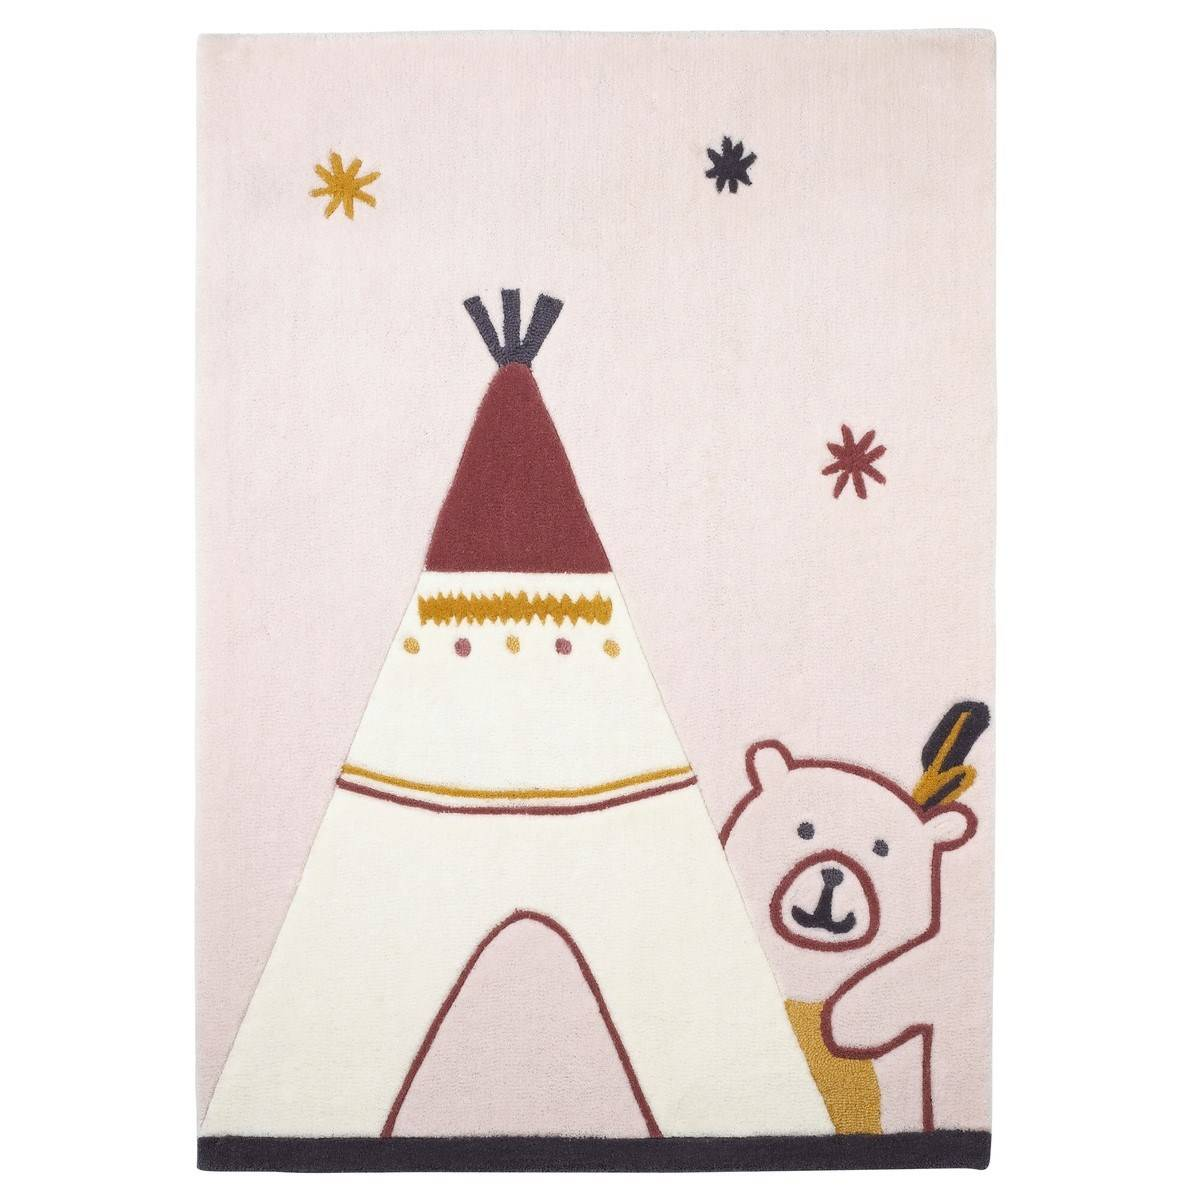 Sauthon Tapis de chambre enfant tipi 130x90cm en acrylique beige